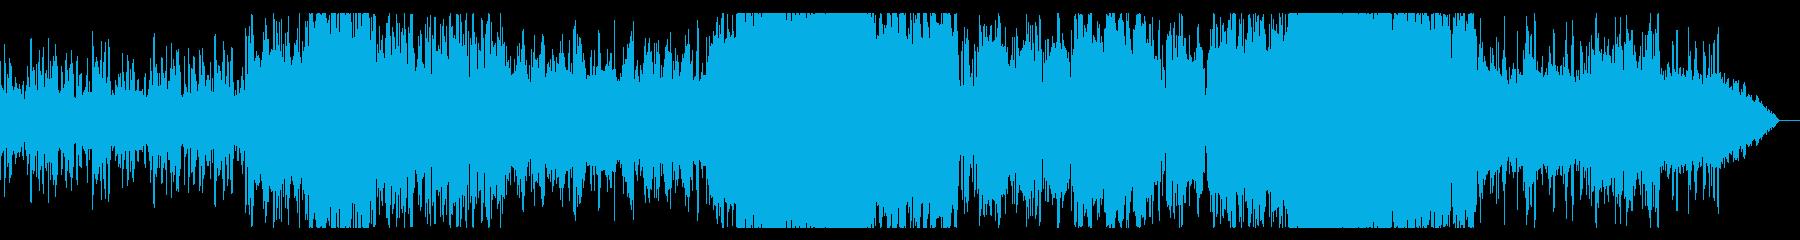 不安感誘うノイズのみのIDMの再生済みの波形